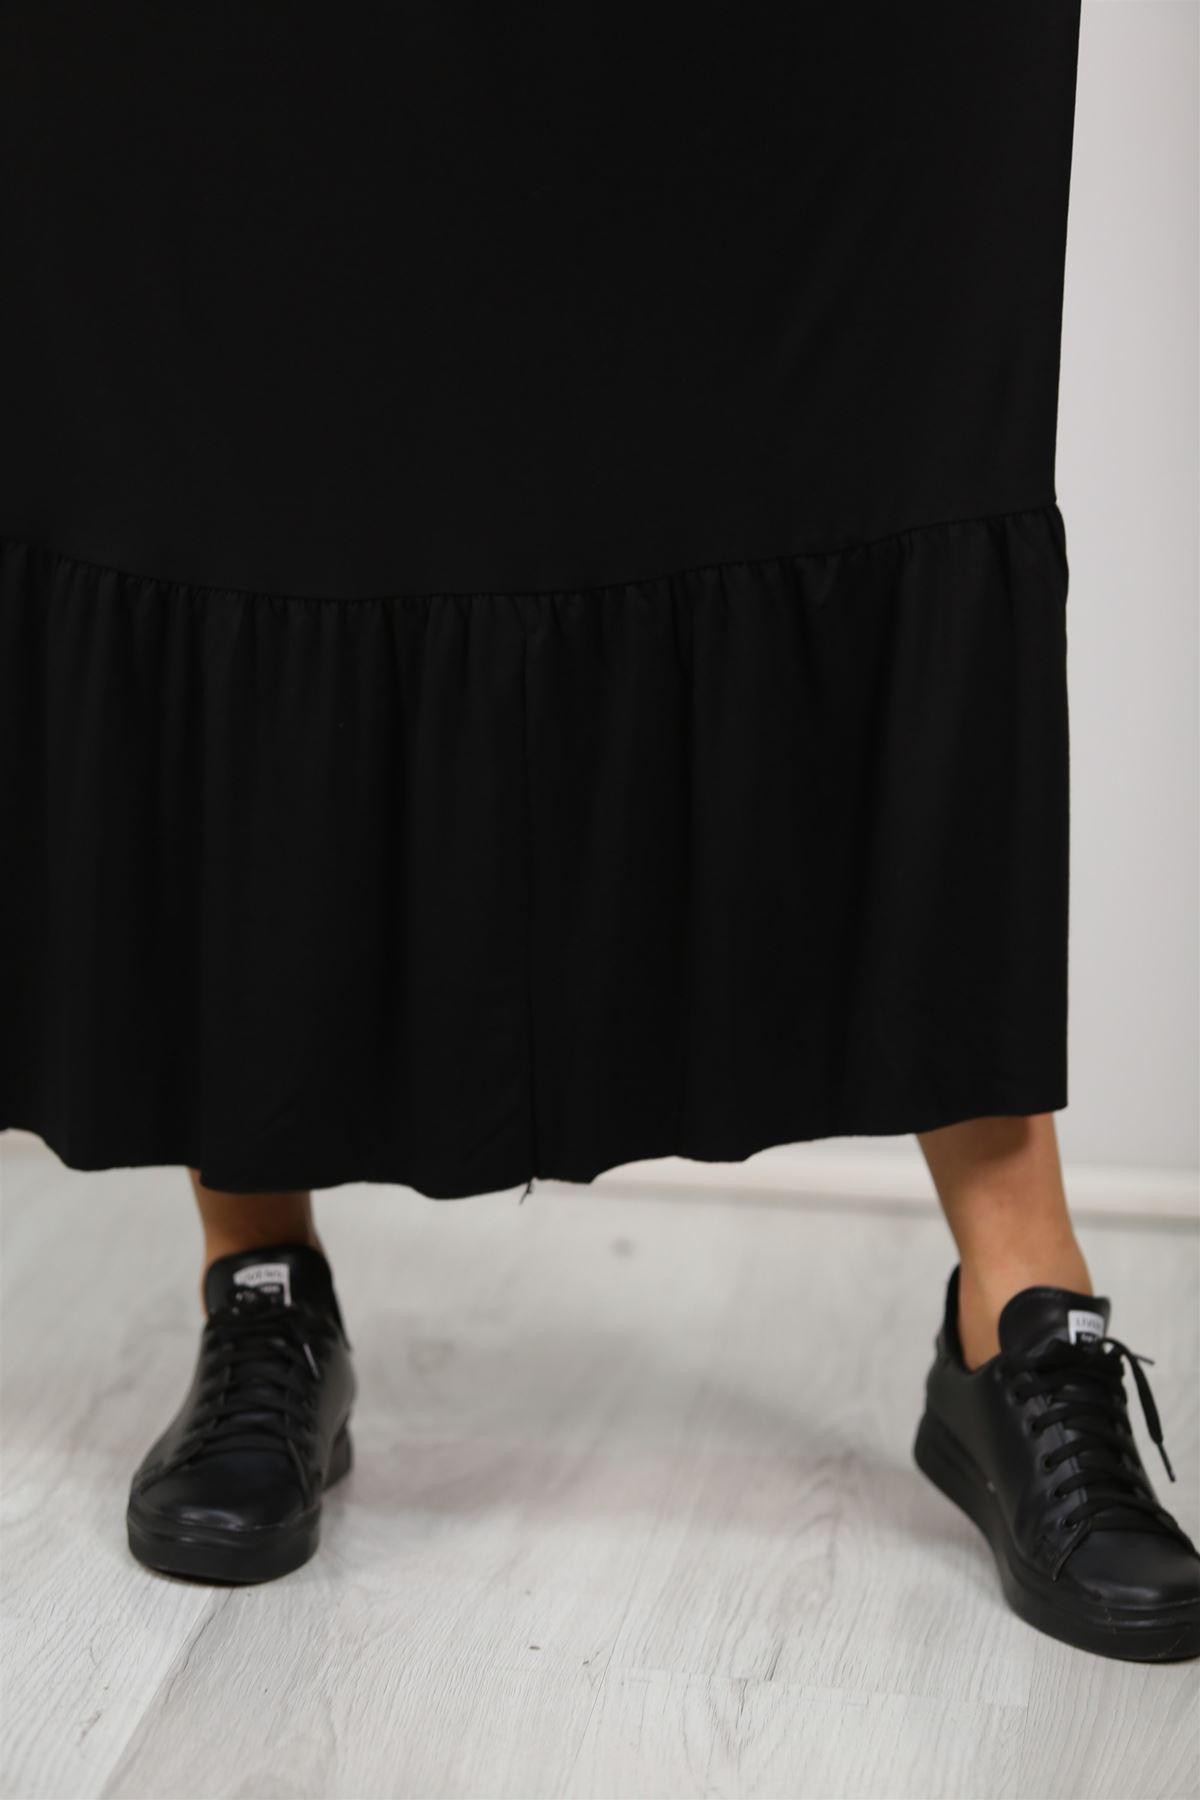 İp Askılı Elbise Siyah - 20270.1234.